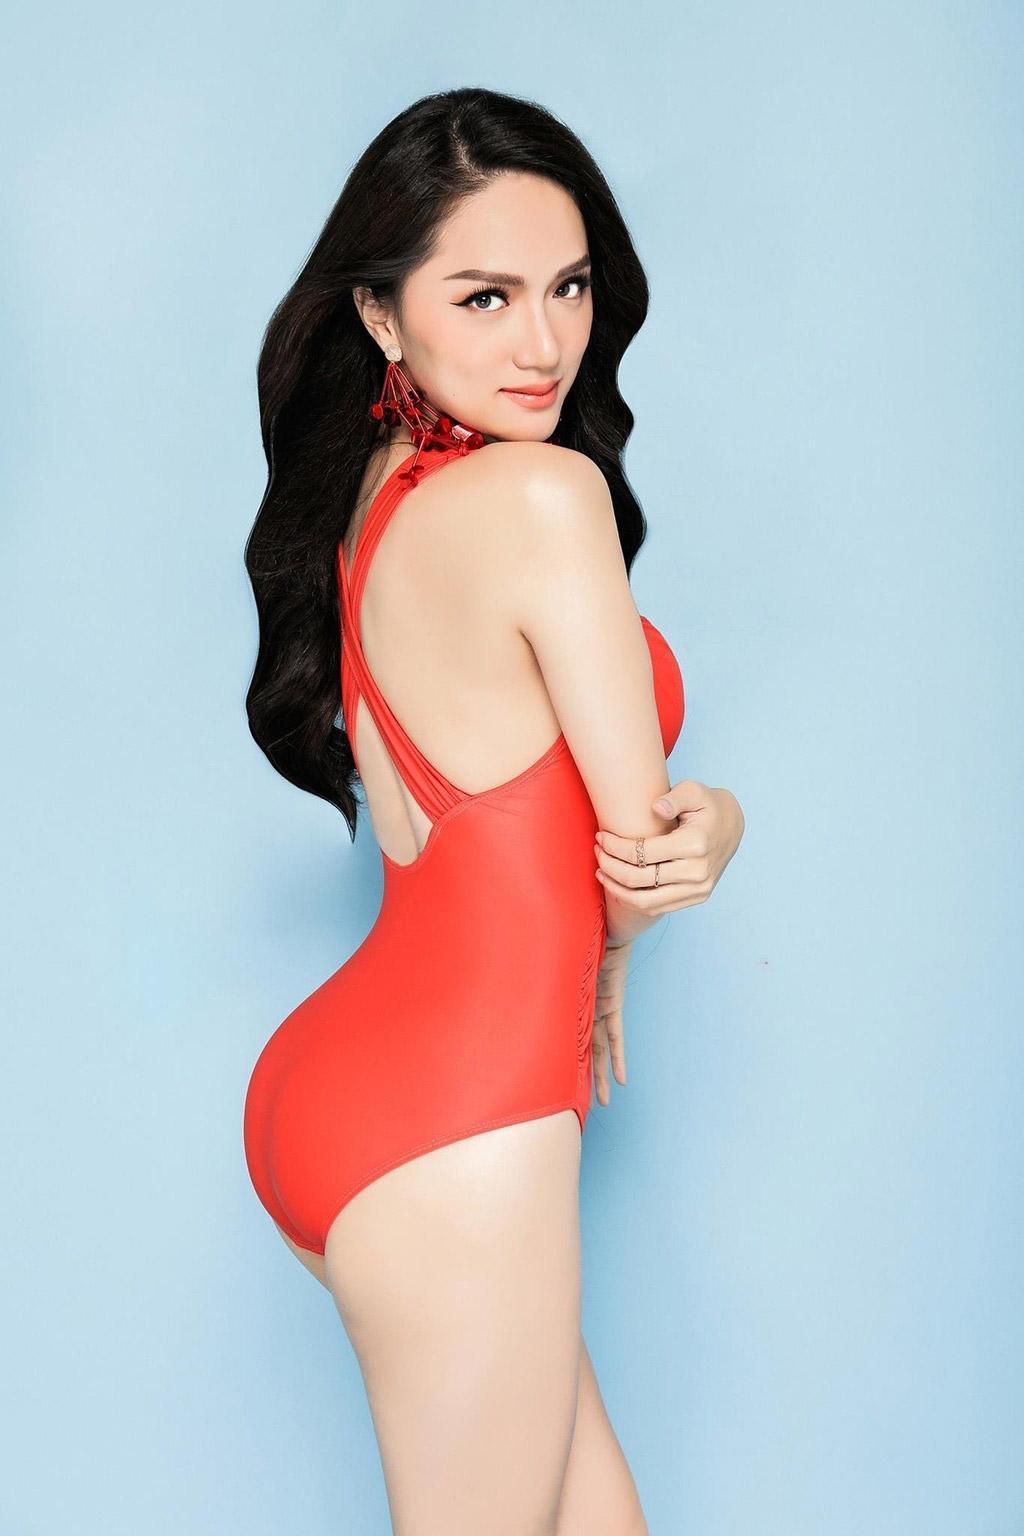 hoa hau huong giang khoe duong cong ruc lua catwalk dieu luyen cung voi bikini - 7